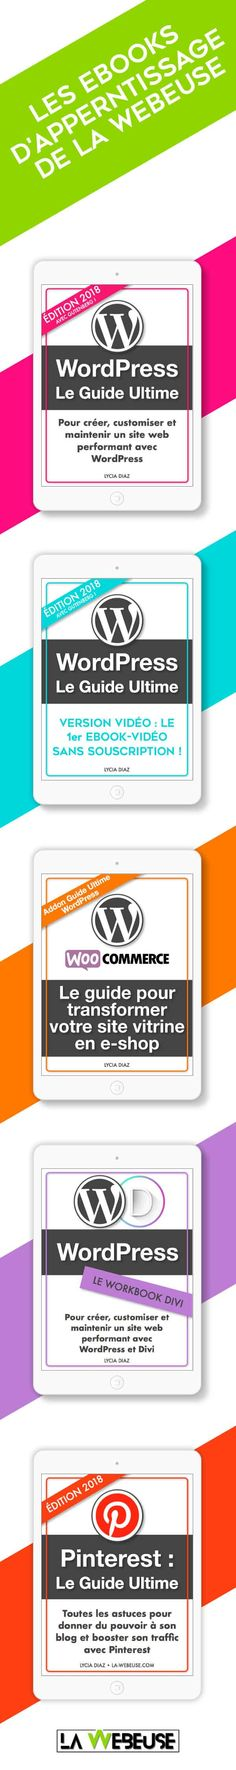 Les ebooks de La Webeuse